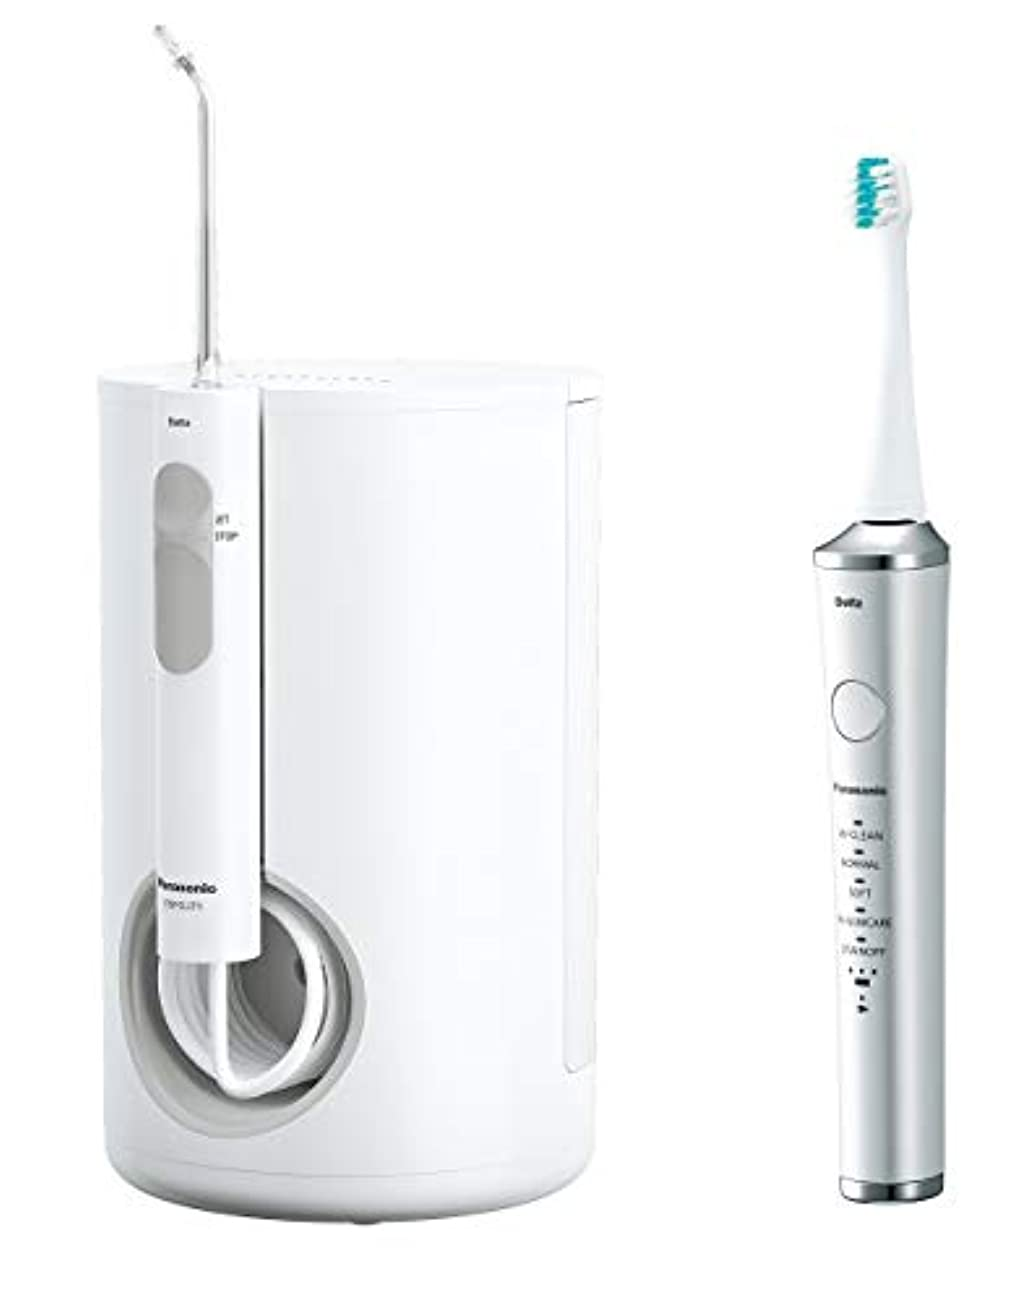 本当のことを言うと参加する抑制するパナソニック 口腔洗浄器 ジェットウォッシャー ドルツ 白 EW-DJ71-W + 電動歯ブラシ ドルツ セット